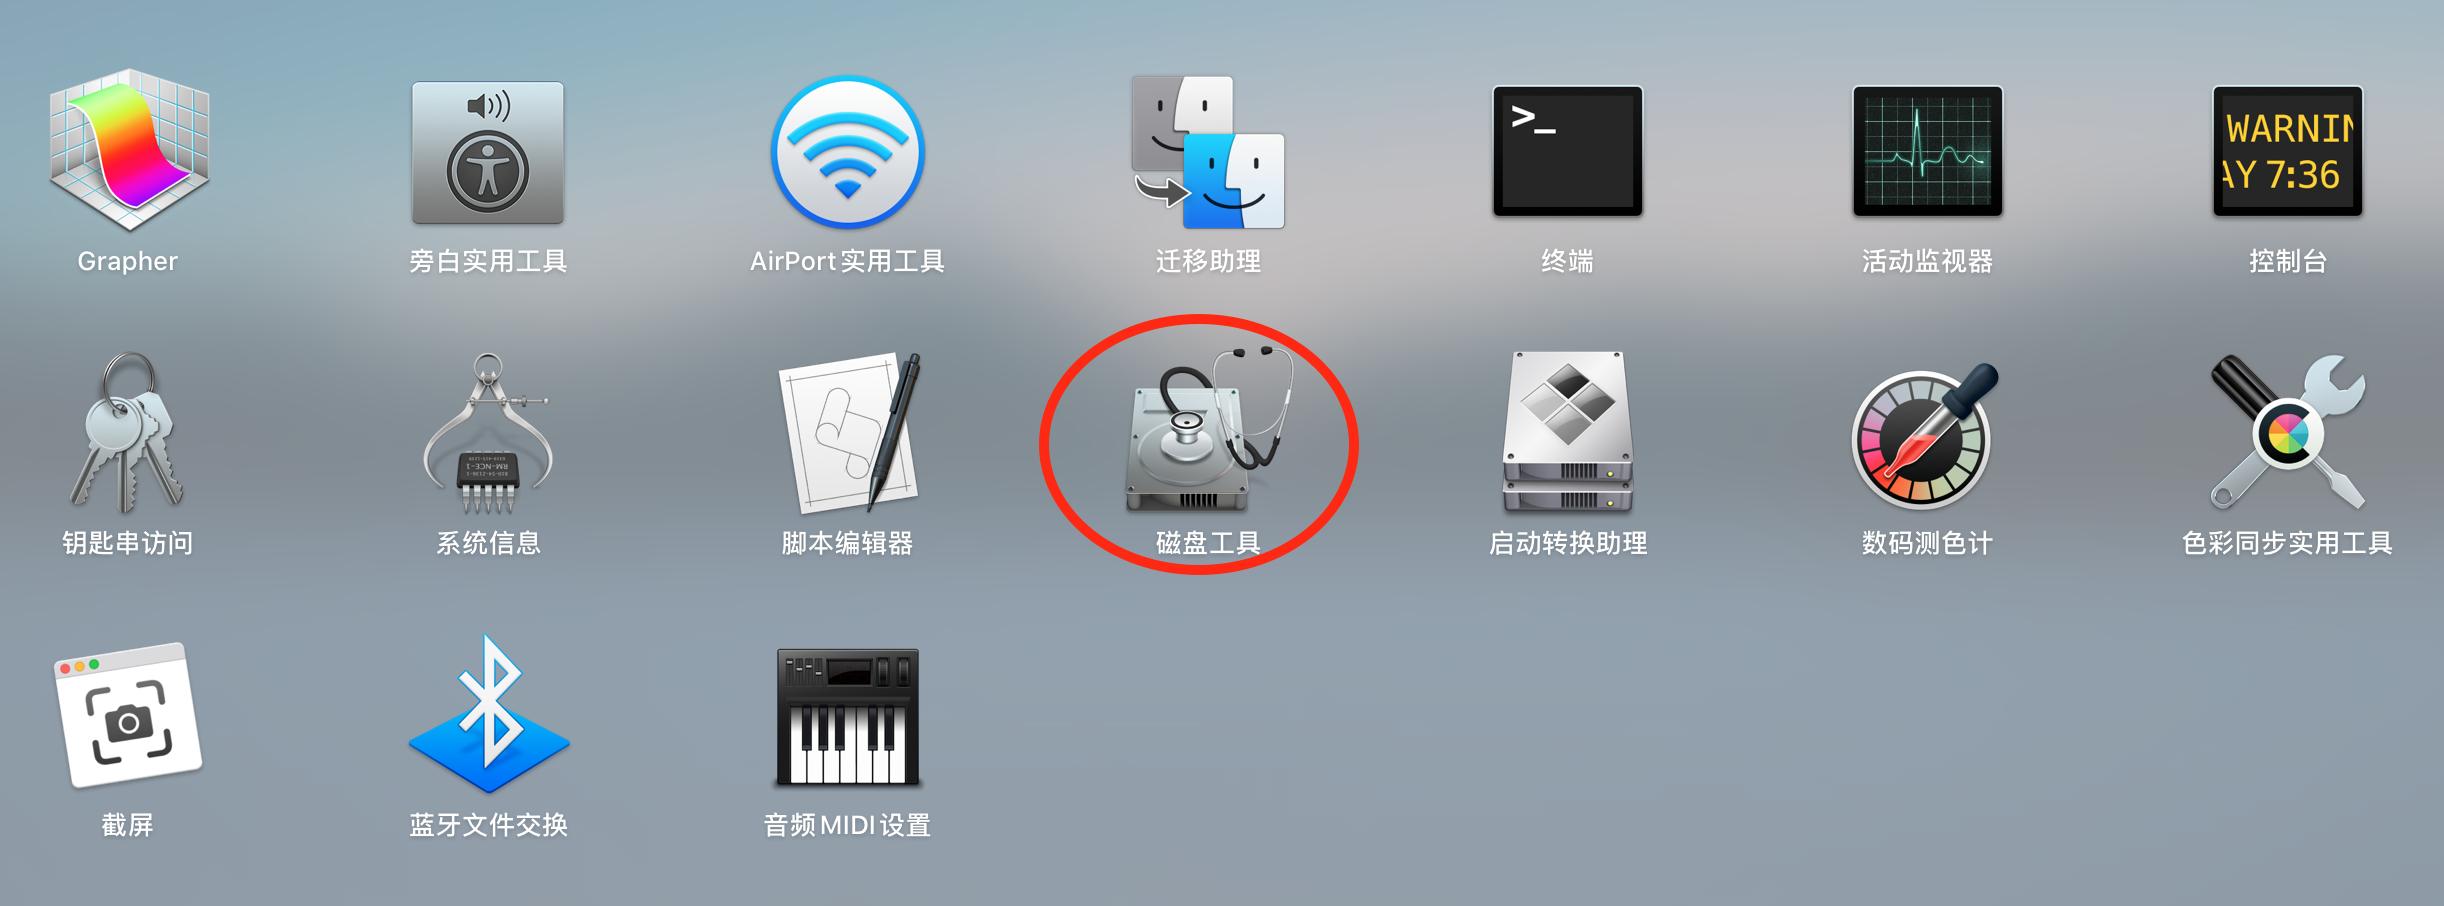 使用Mac Disk Utility-1调整Mac卷大小